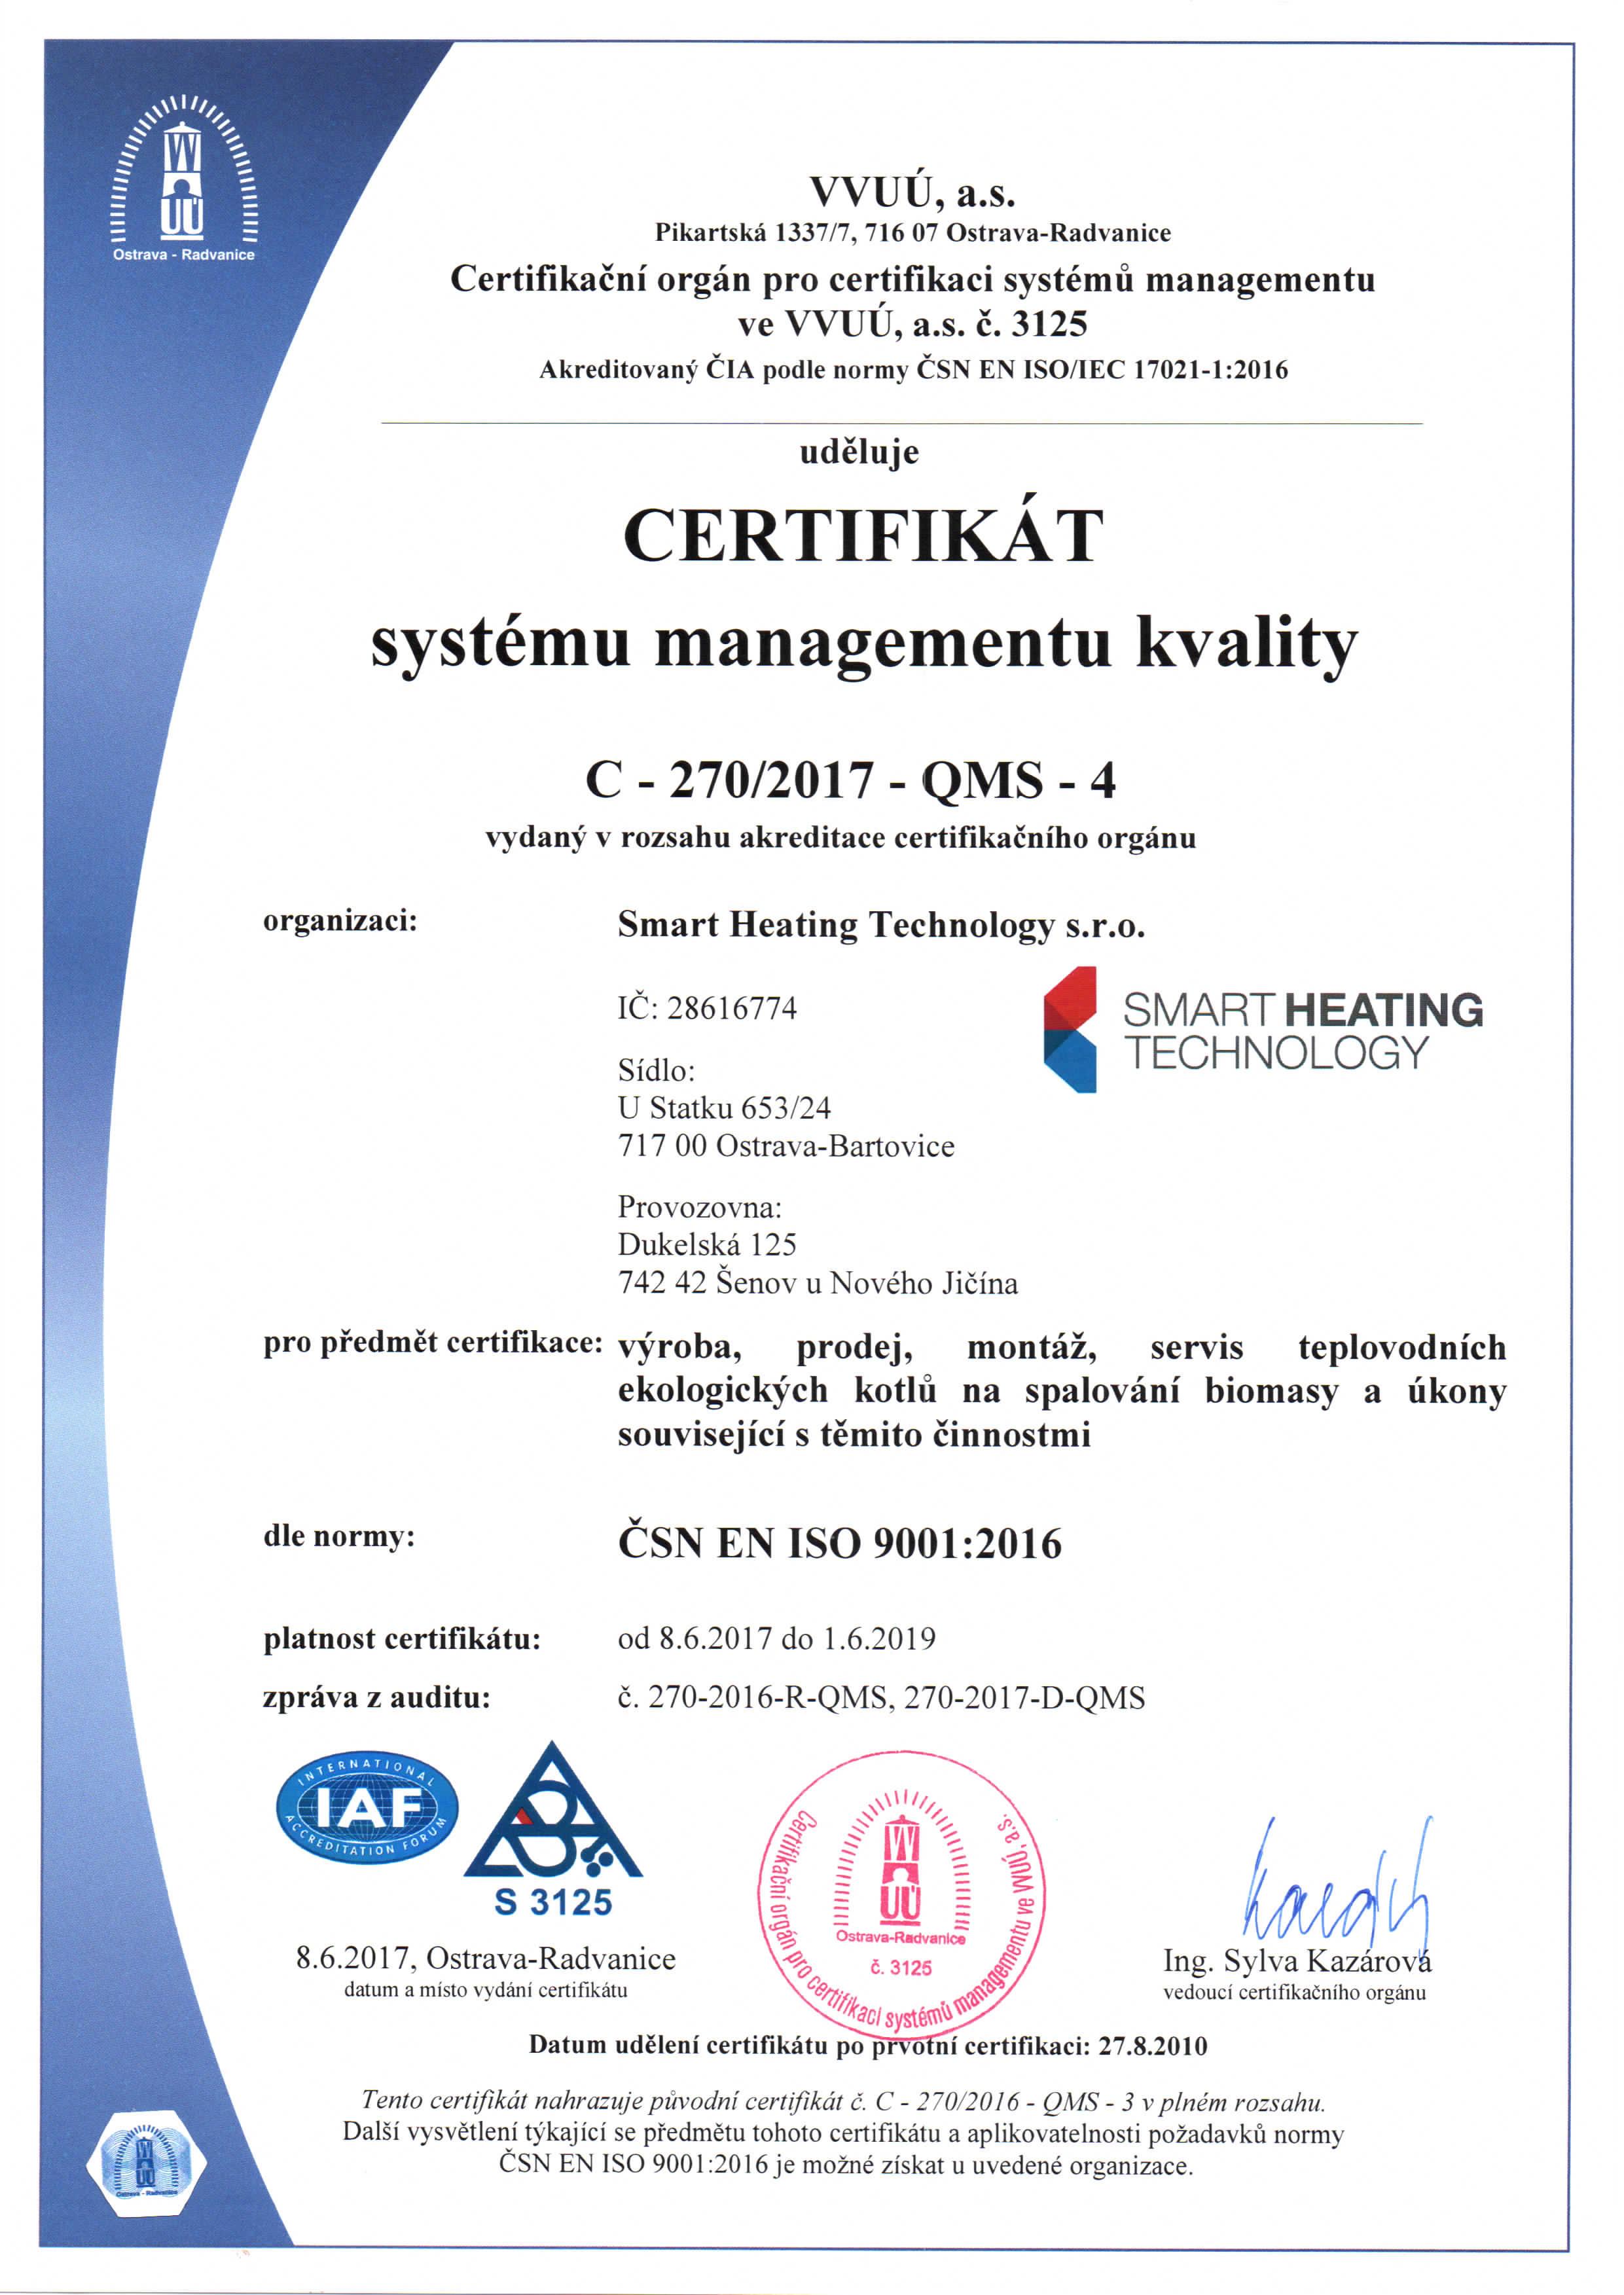 certifikat-c-207_2017-qms-4-cz-systemu-managementu-kvality_stranka_1